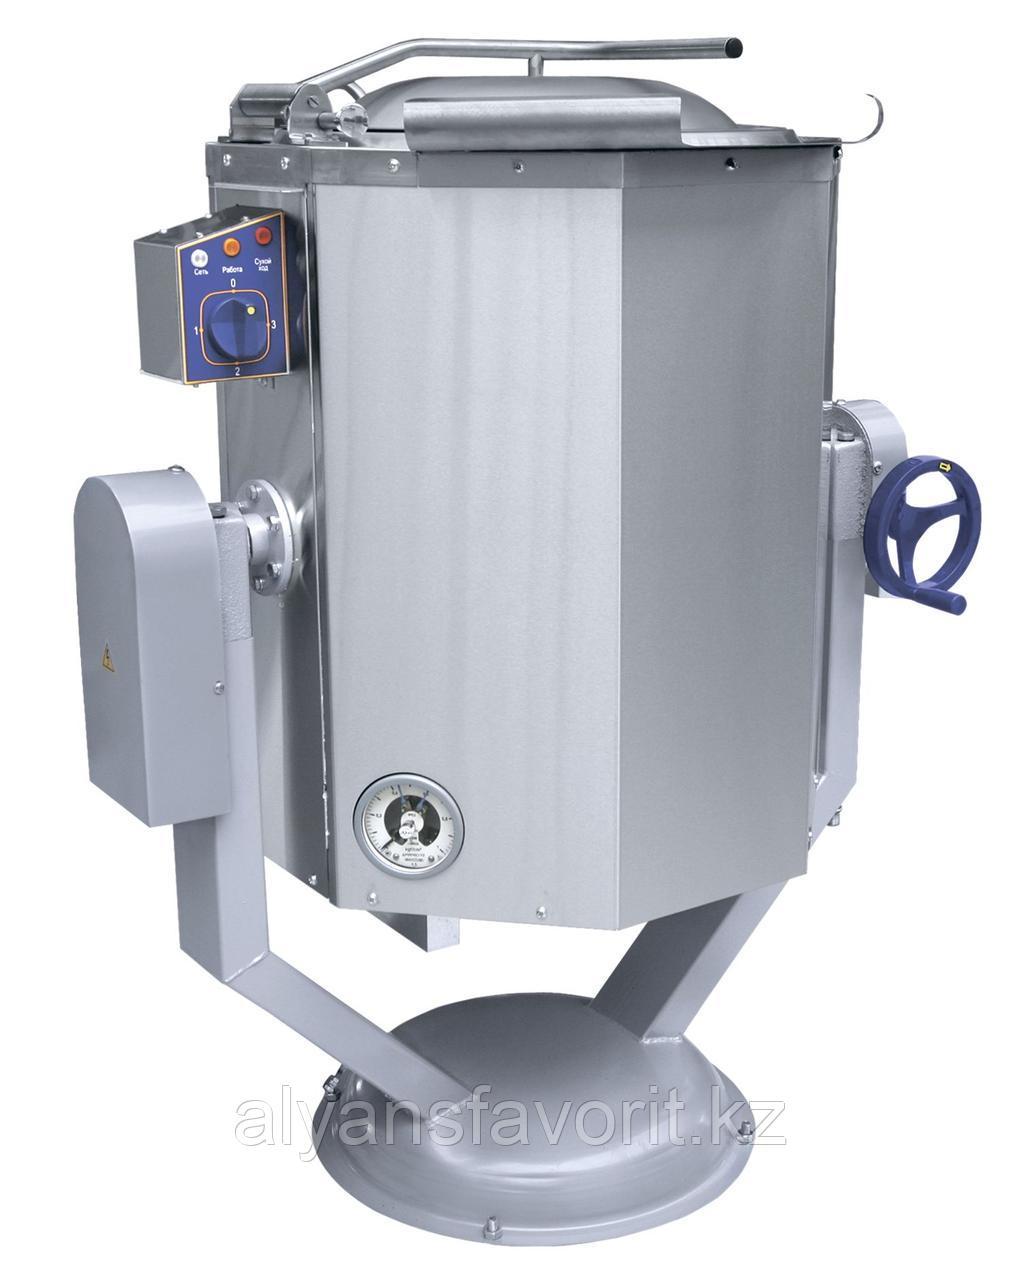 Котел пищеварочный ABAT КПЭМ-60 ОР опрокидываемый с ручным приводом